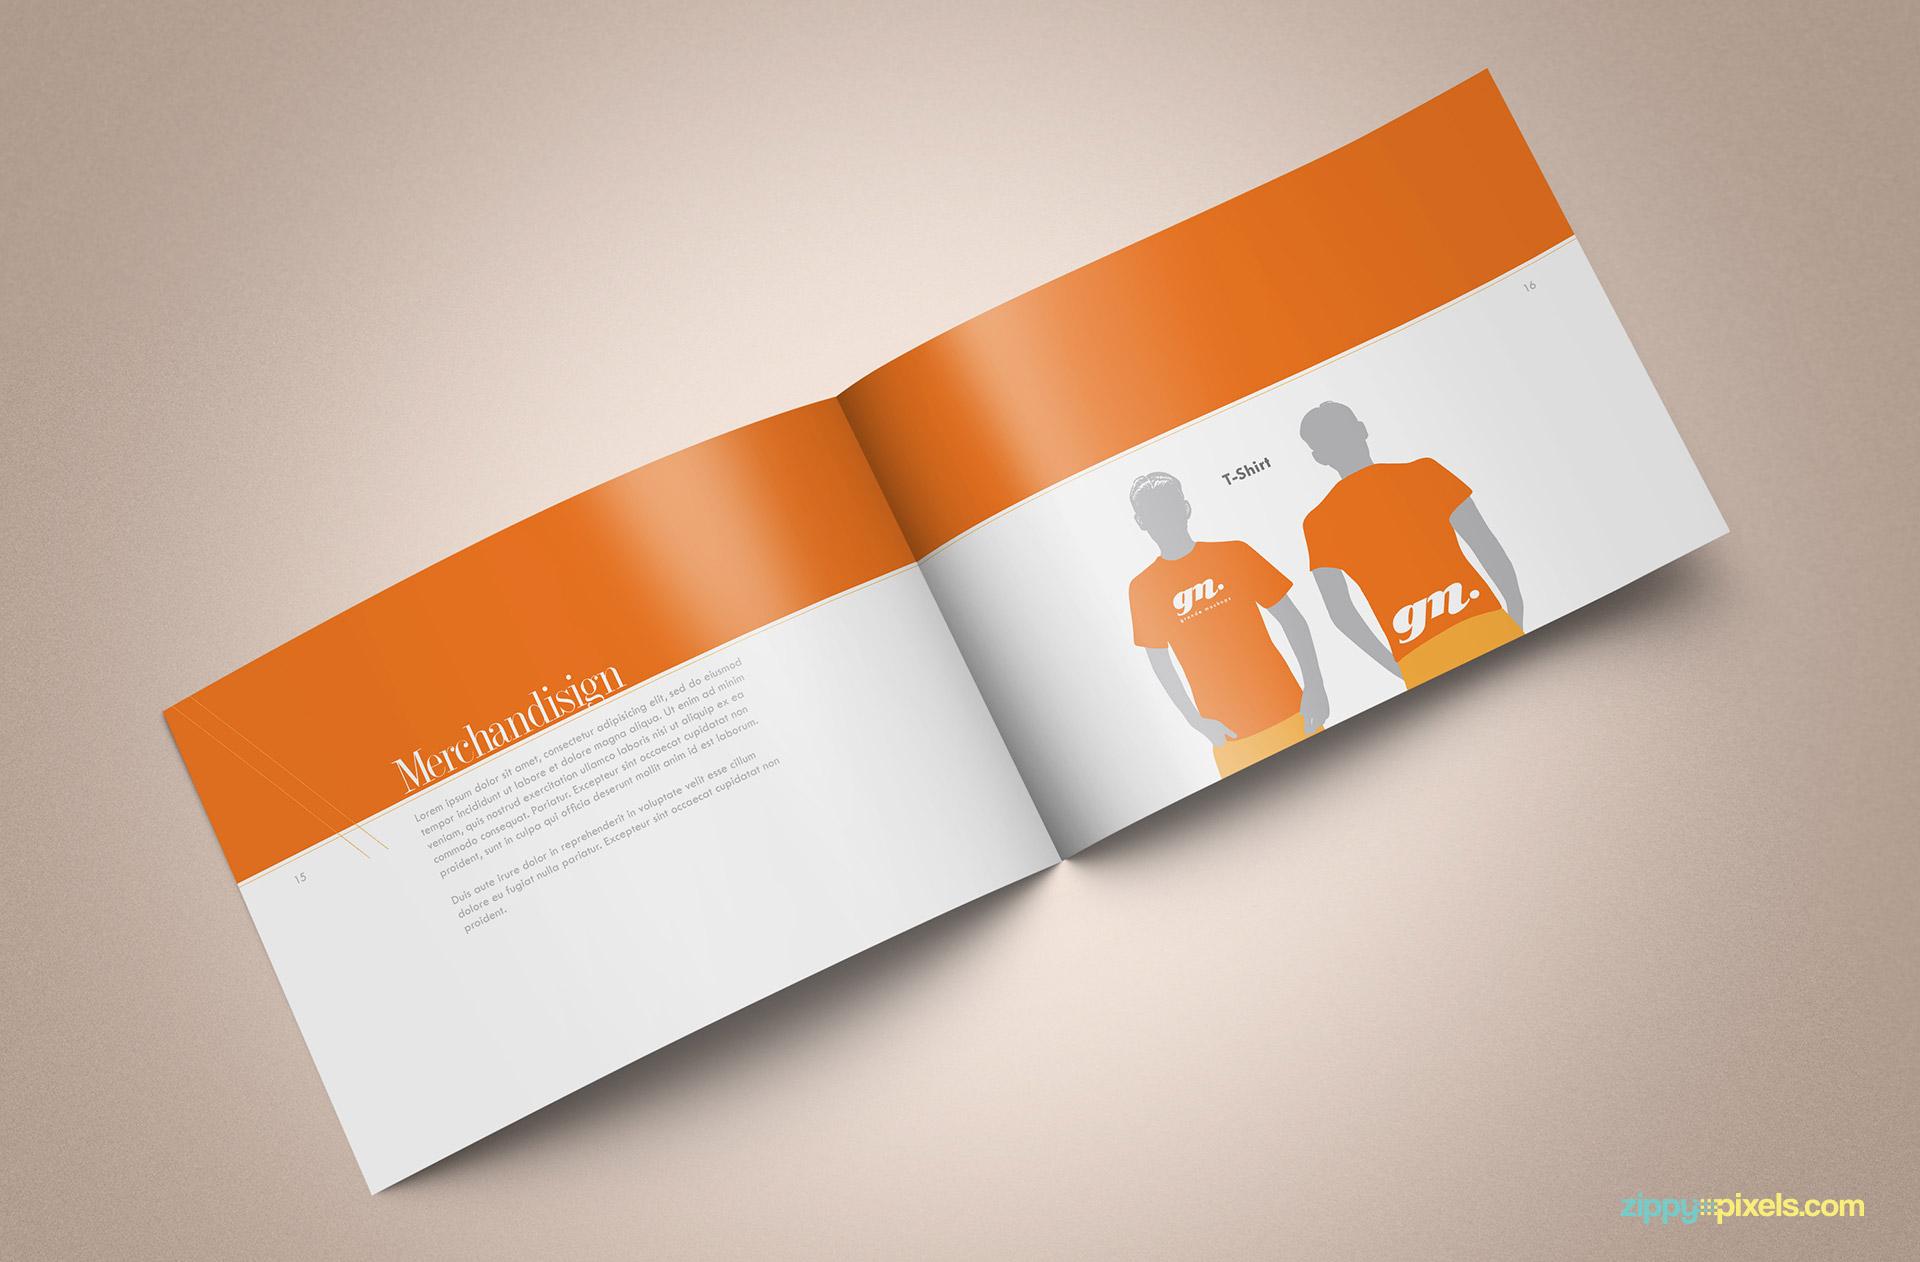 11-brand-book-4-merchandising